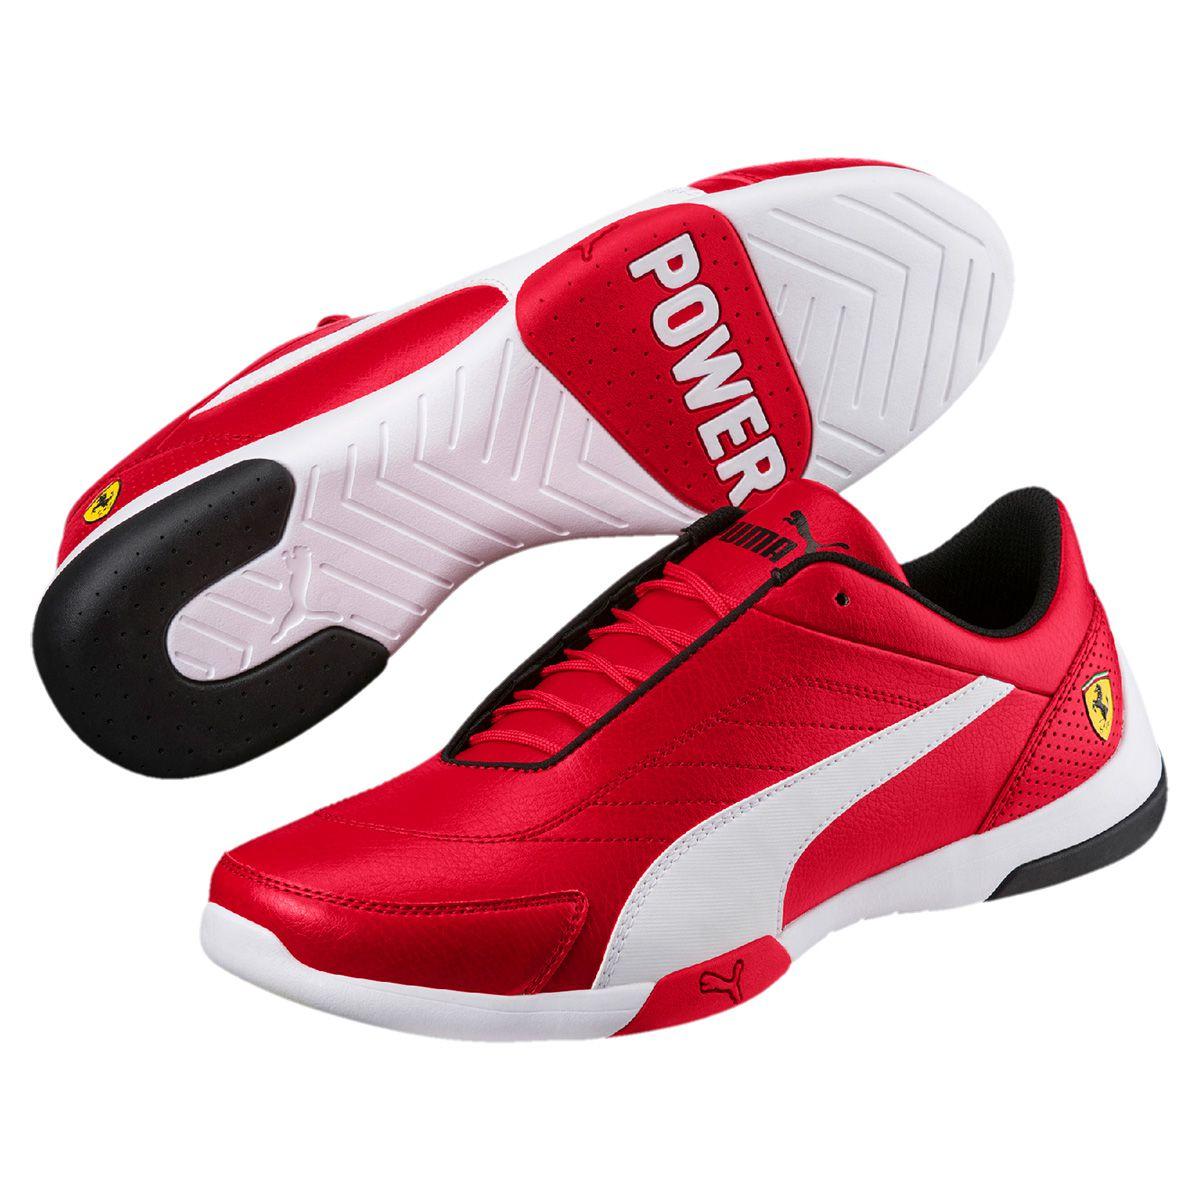 558c3746acd10 Tênis Puma Scuderia Ferrari Kart Cat III - Vermelho e Branco - Titanes  Esportes